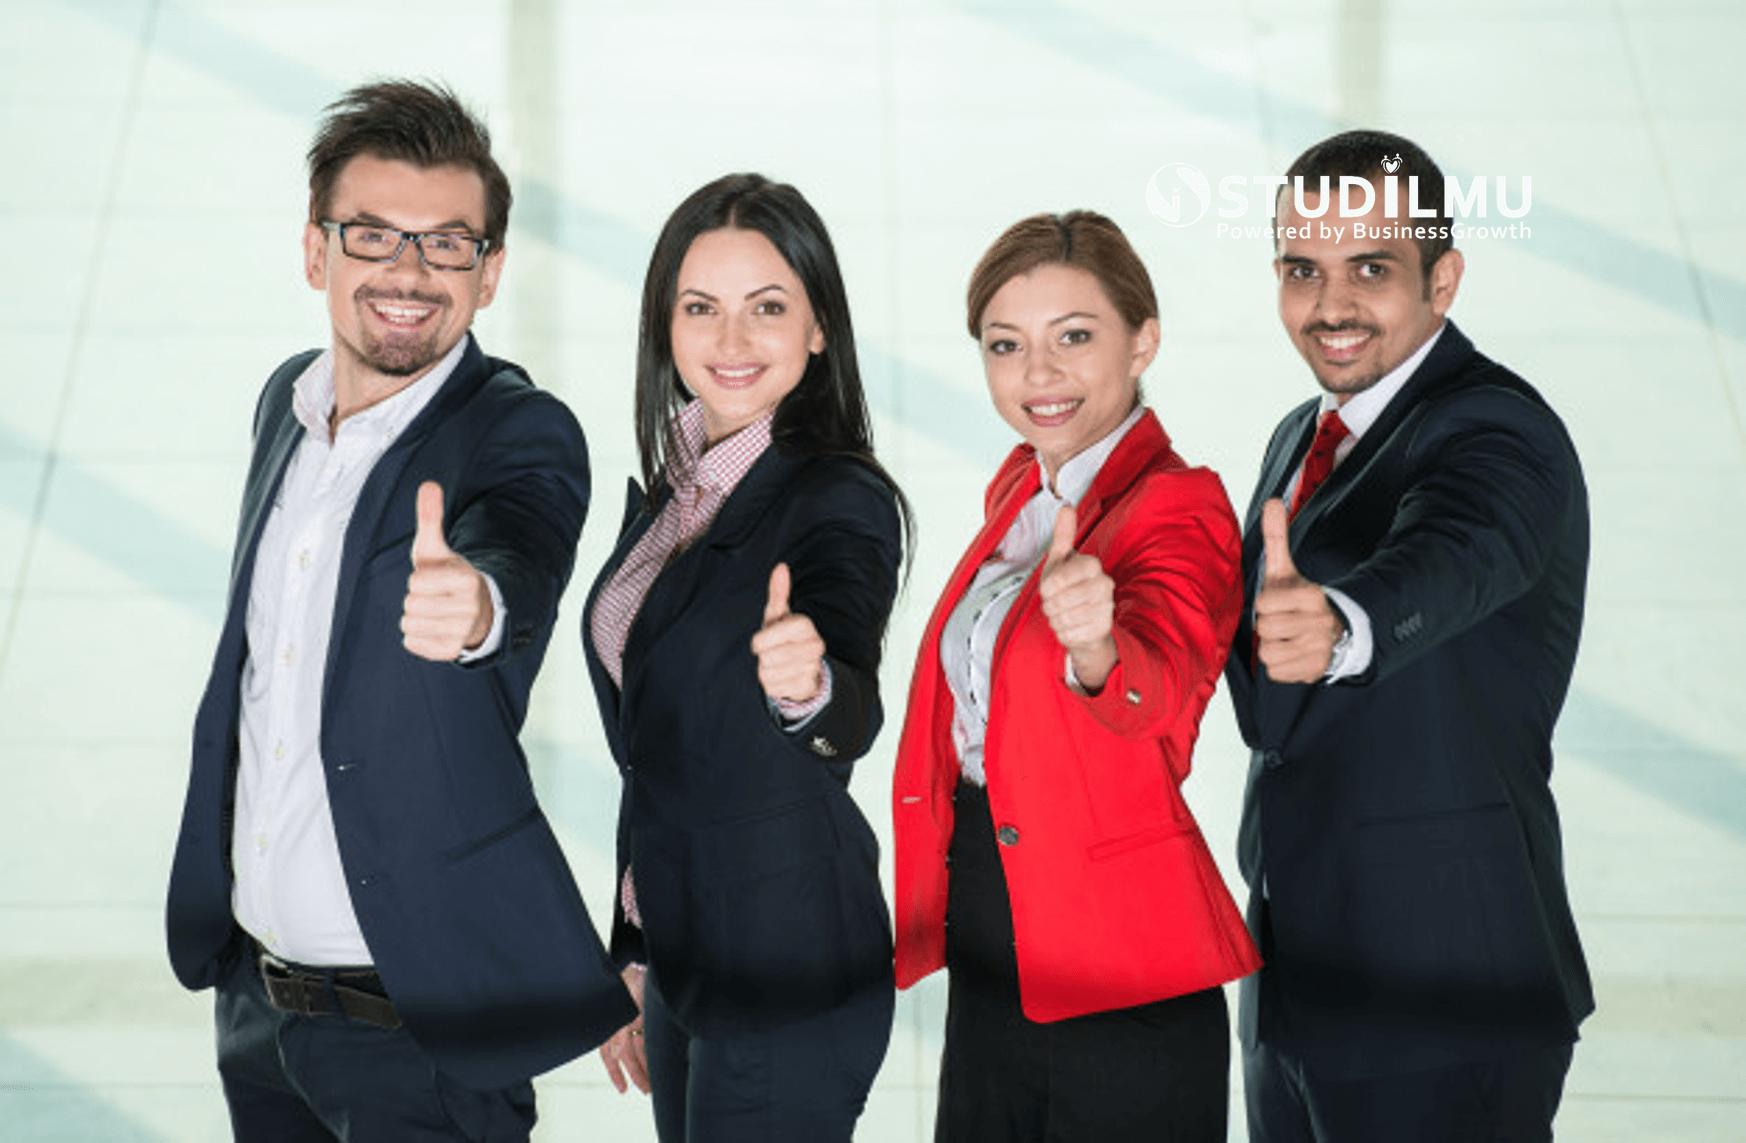 STUDILMU Career Advice - Karakteristik Pemimpin yang Harus Dimiliki Manajer